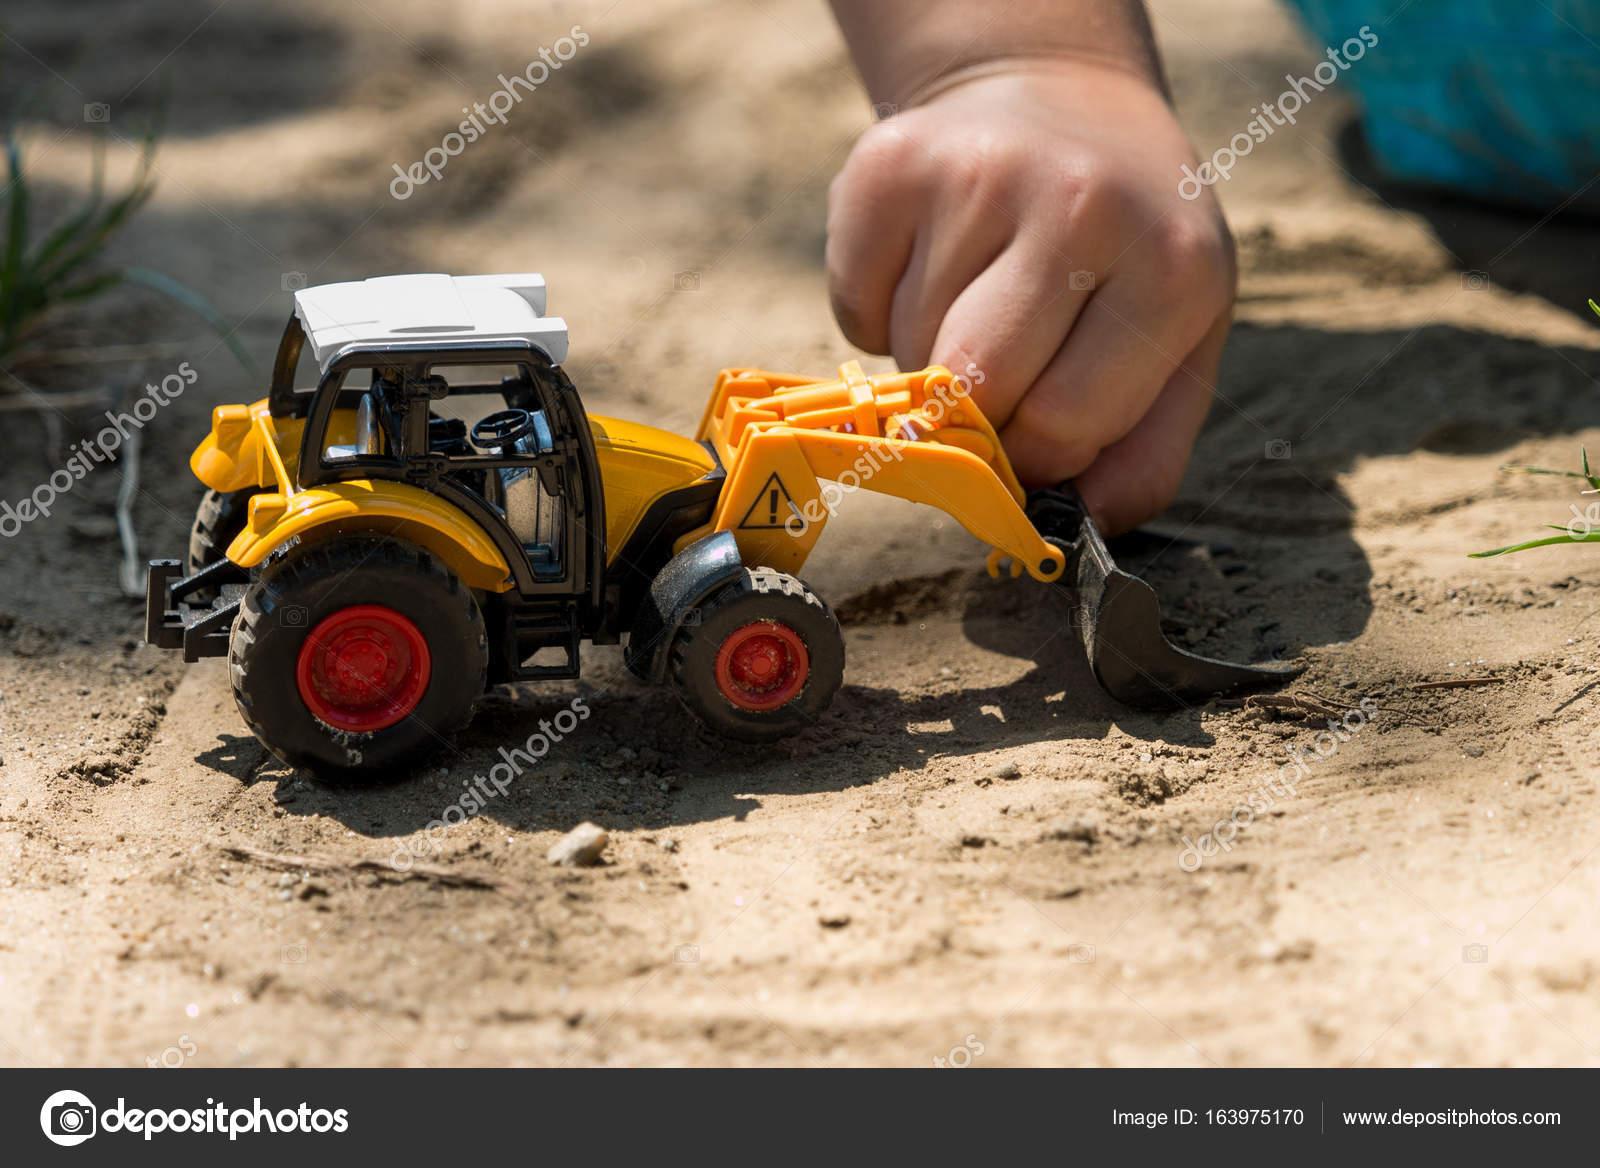 Kinder spielen mit traktor spielzeug in sand u stockfoto